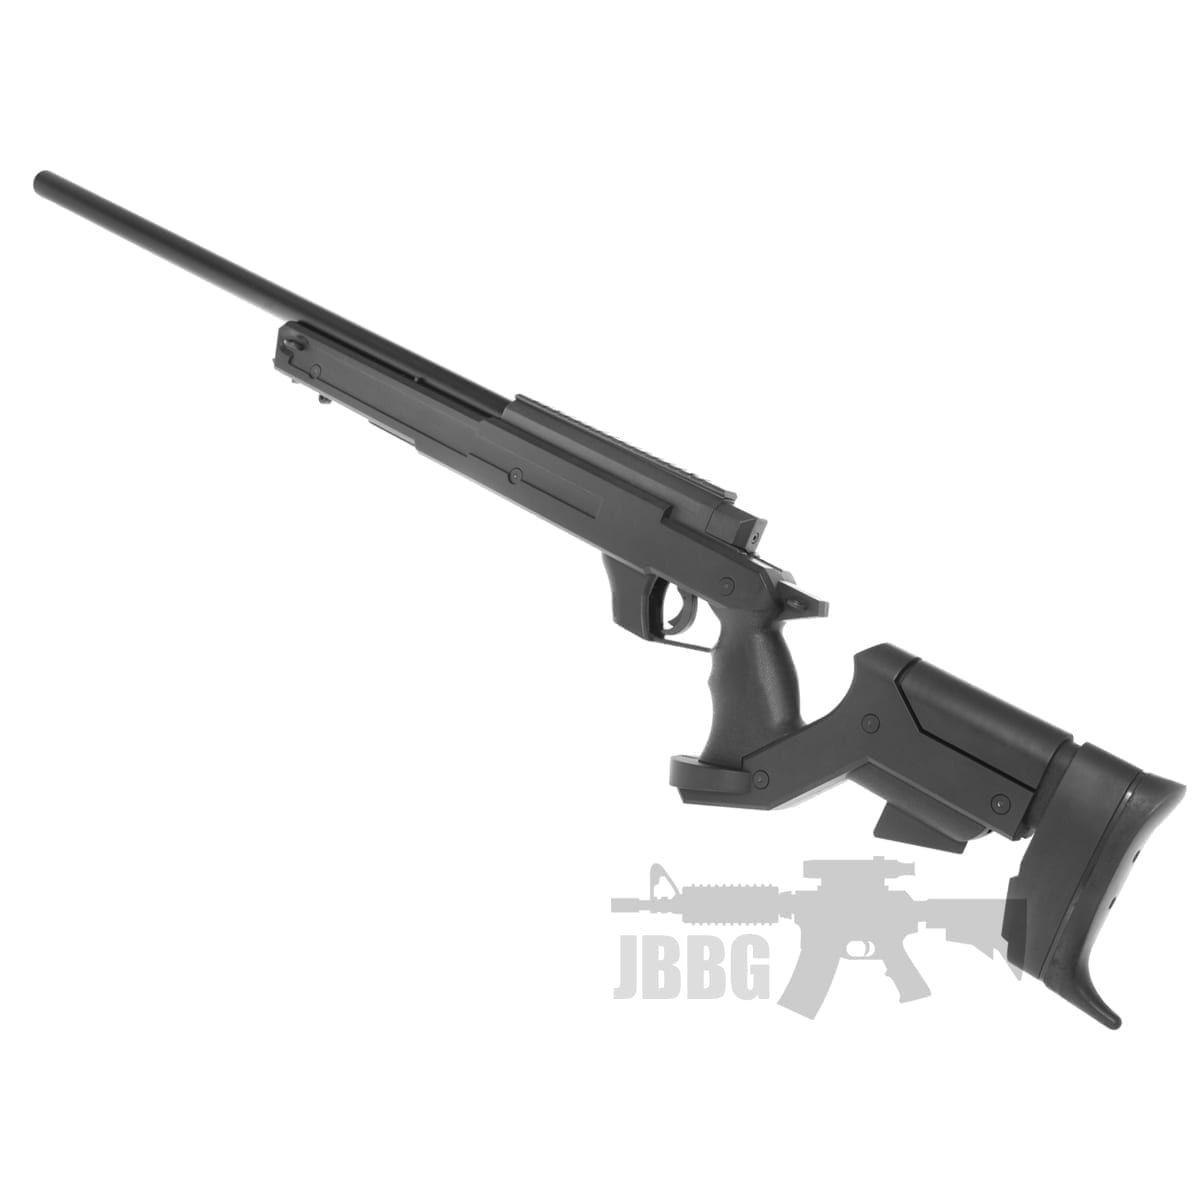 snioer rifle